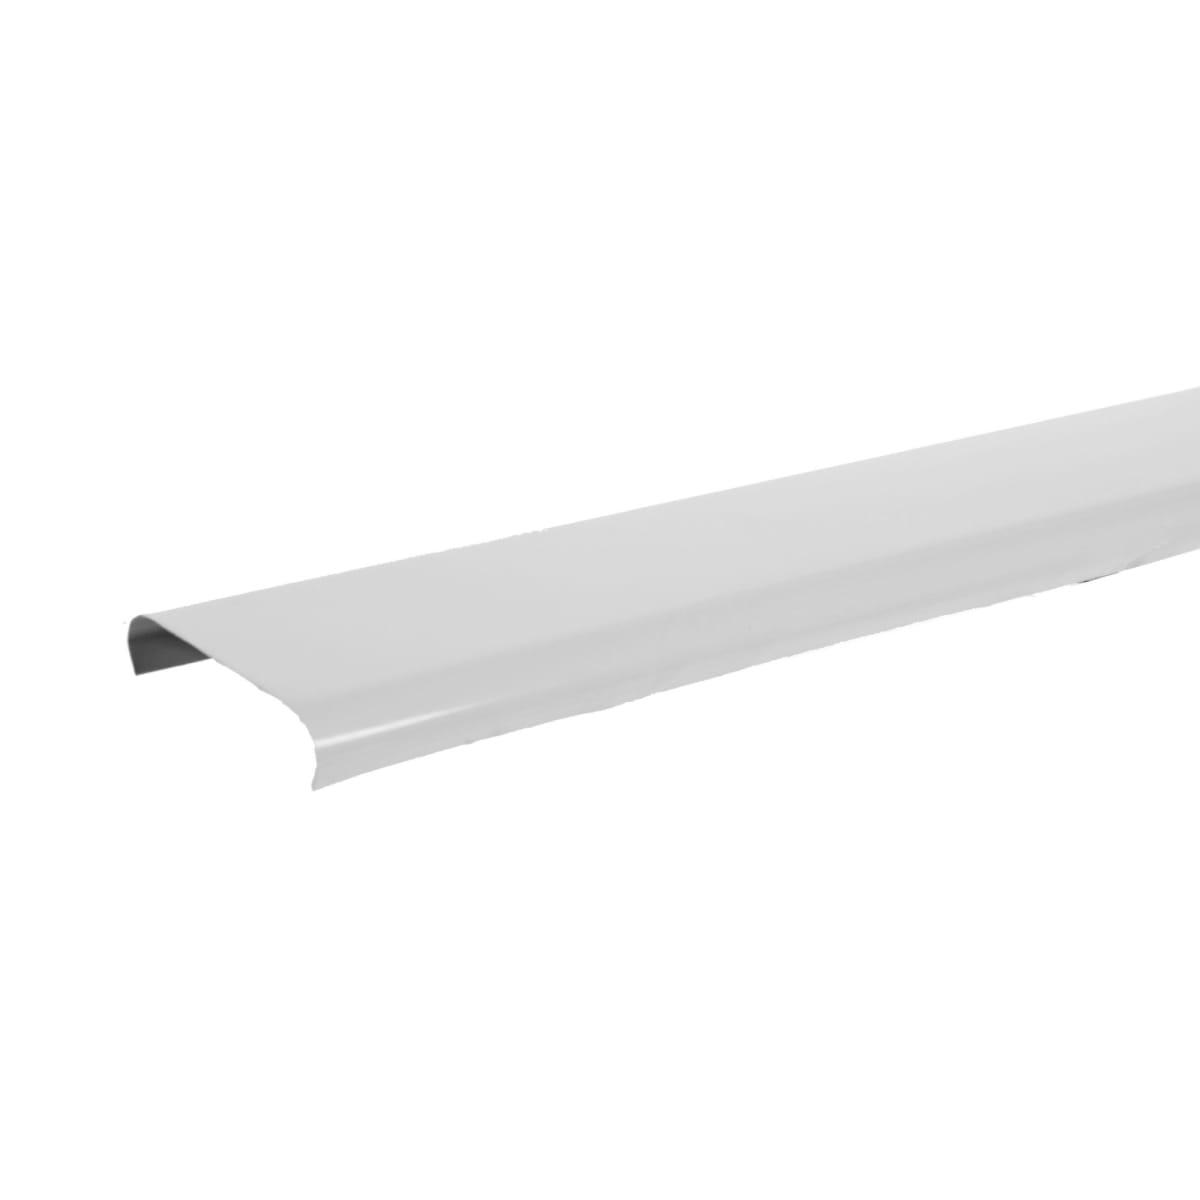 Набор реек 3х1 м цвет белый глянцевый, без раскладки